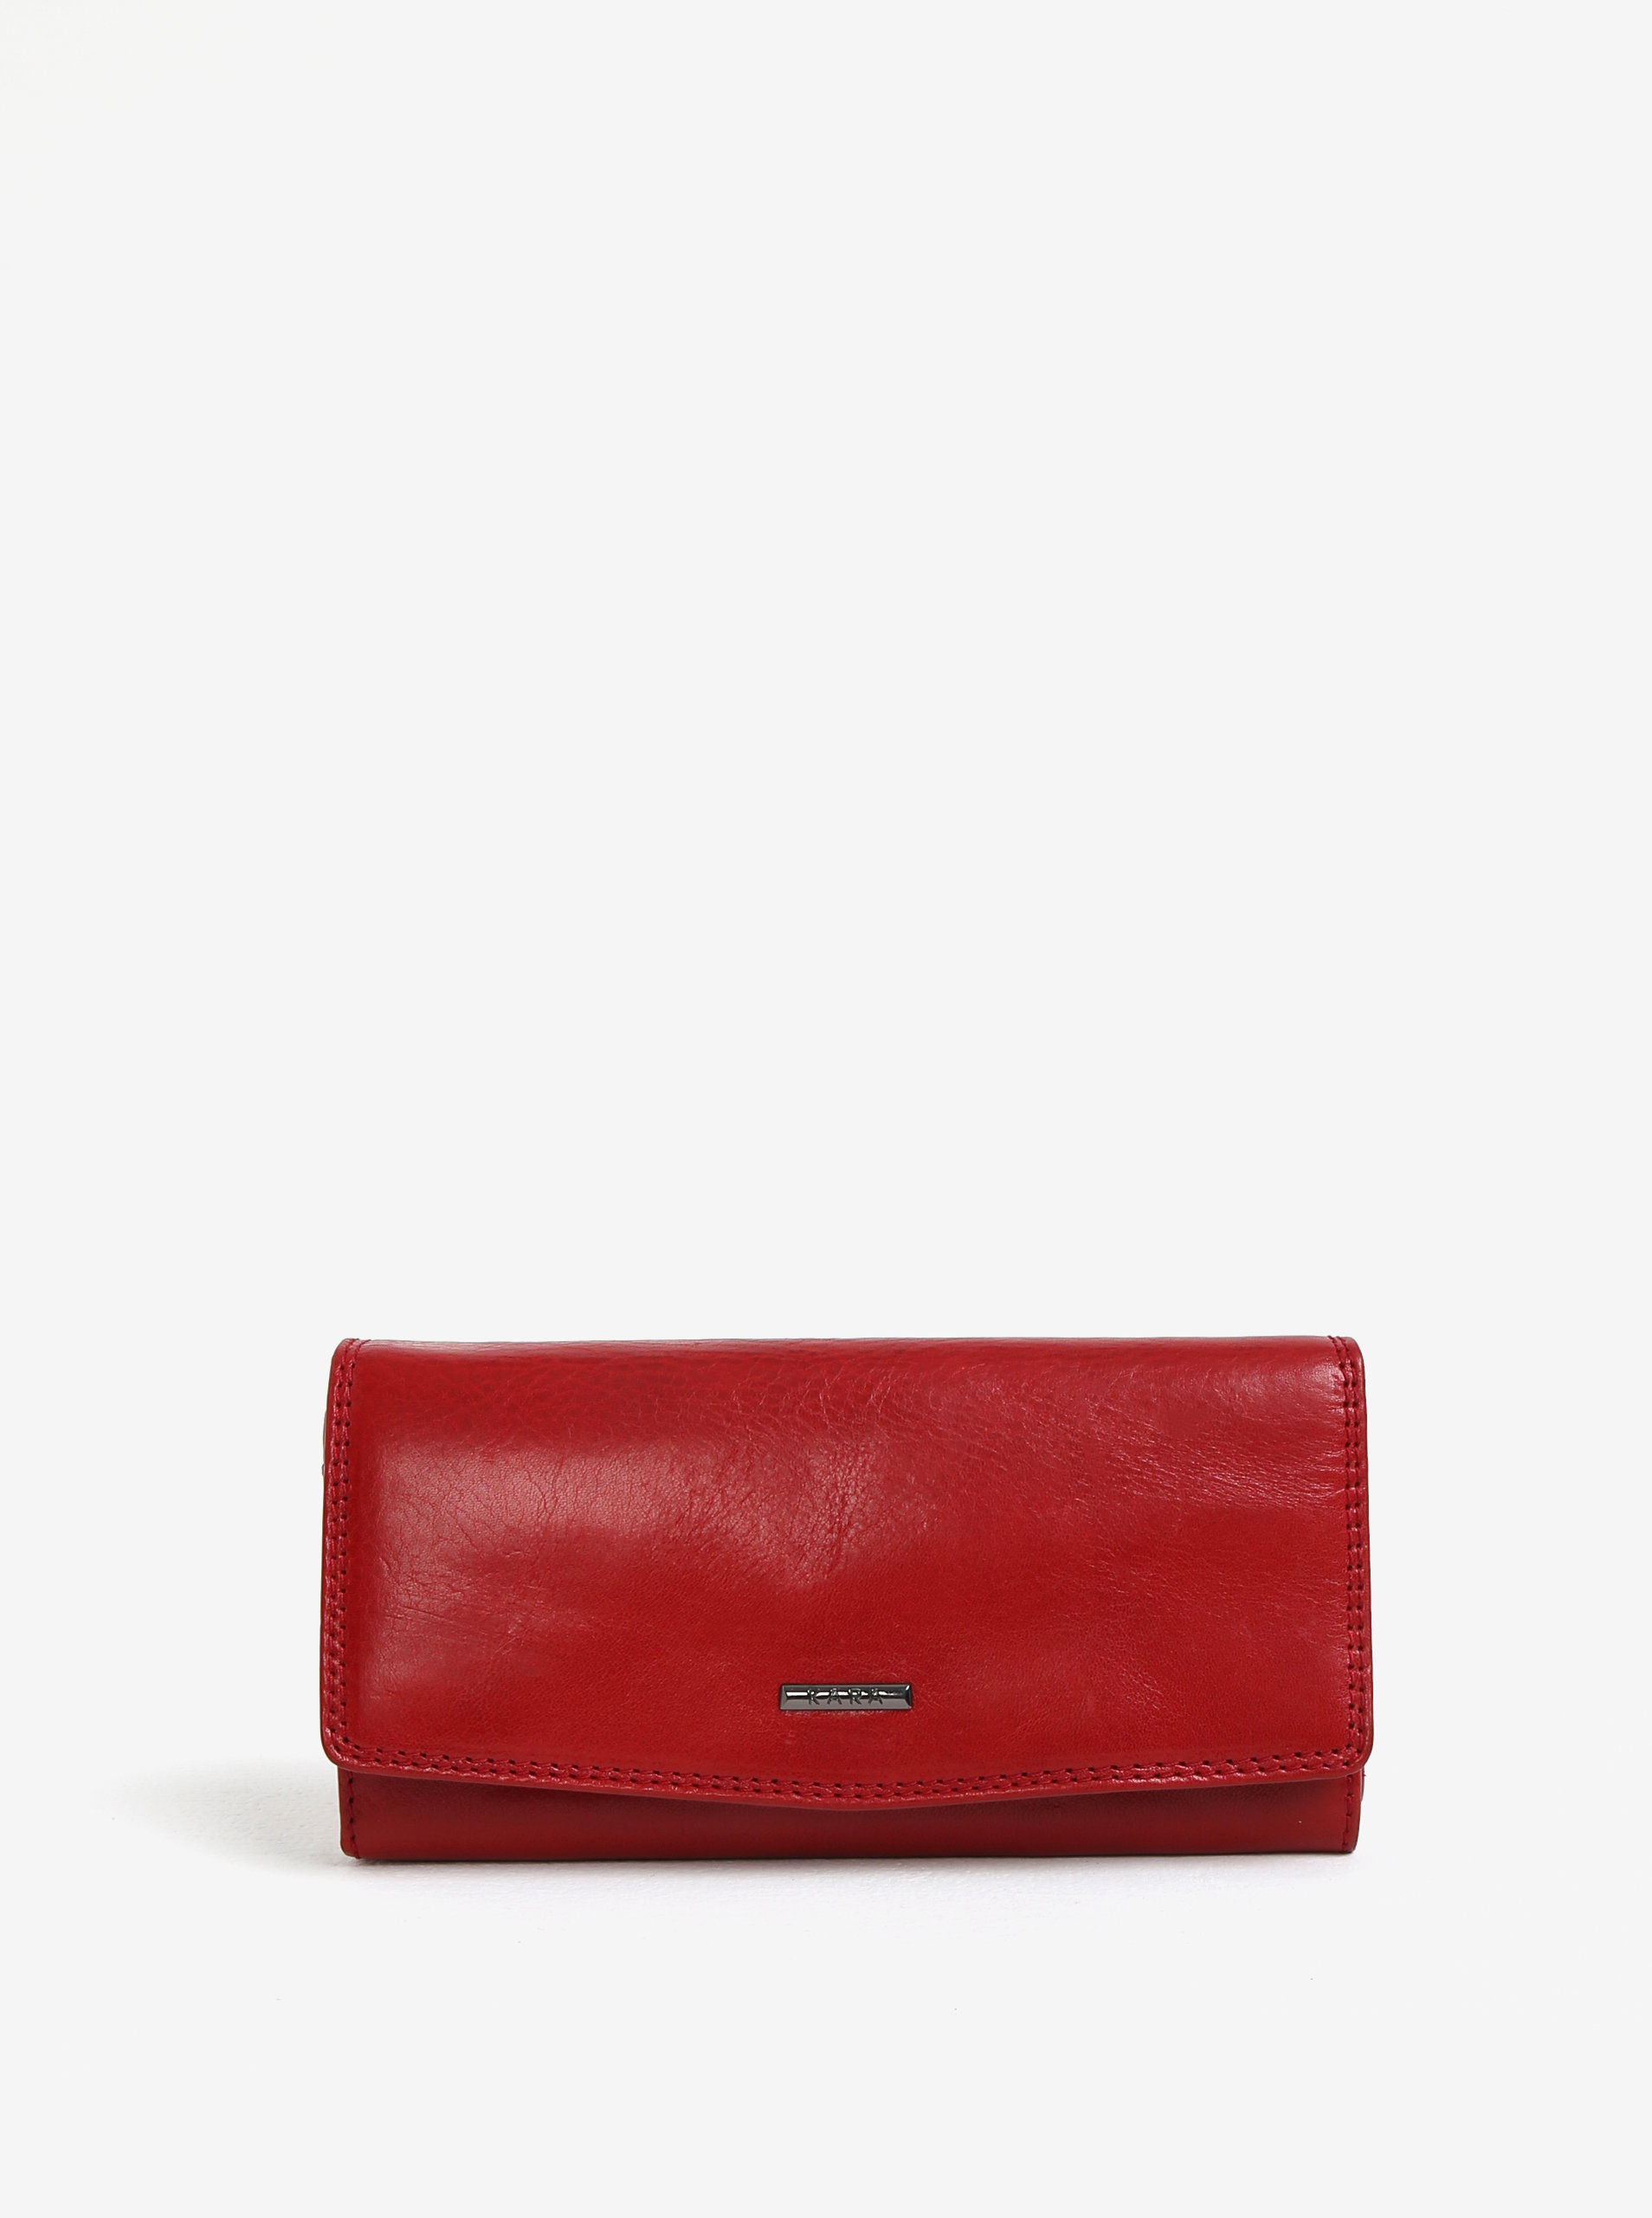 1aed79878a9d Červená dámska veľká kožená peňaženka KARA ...